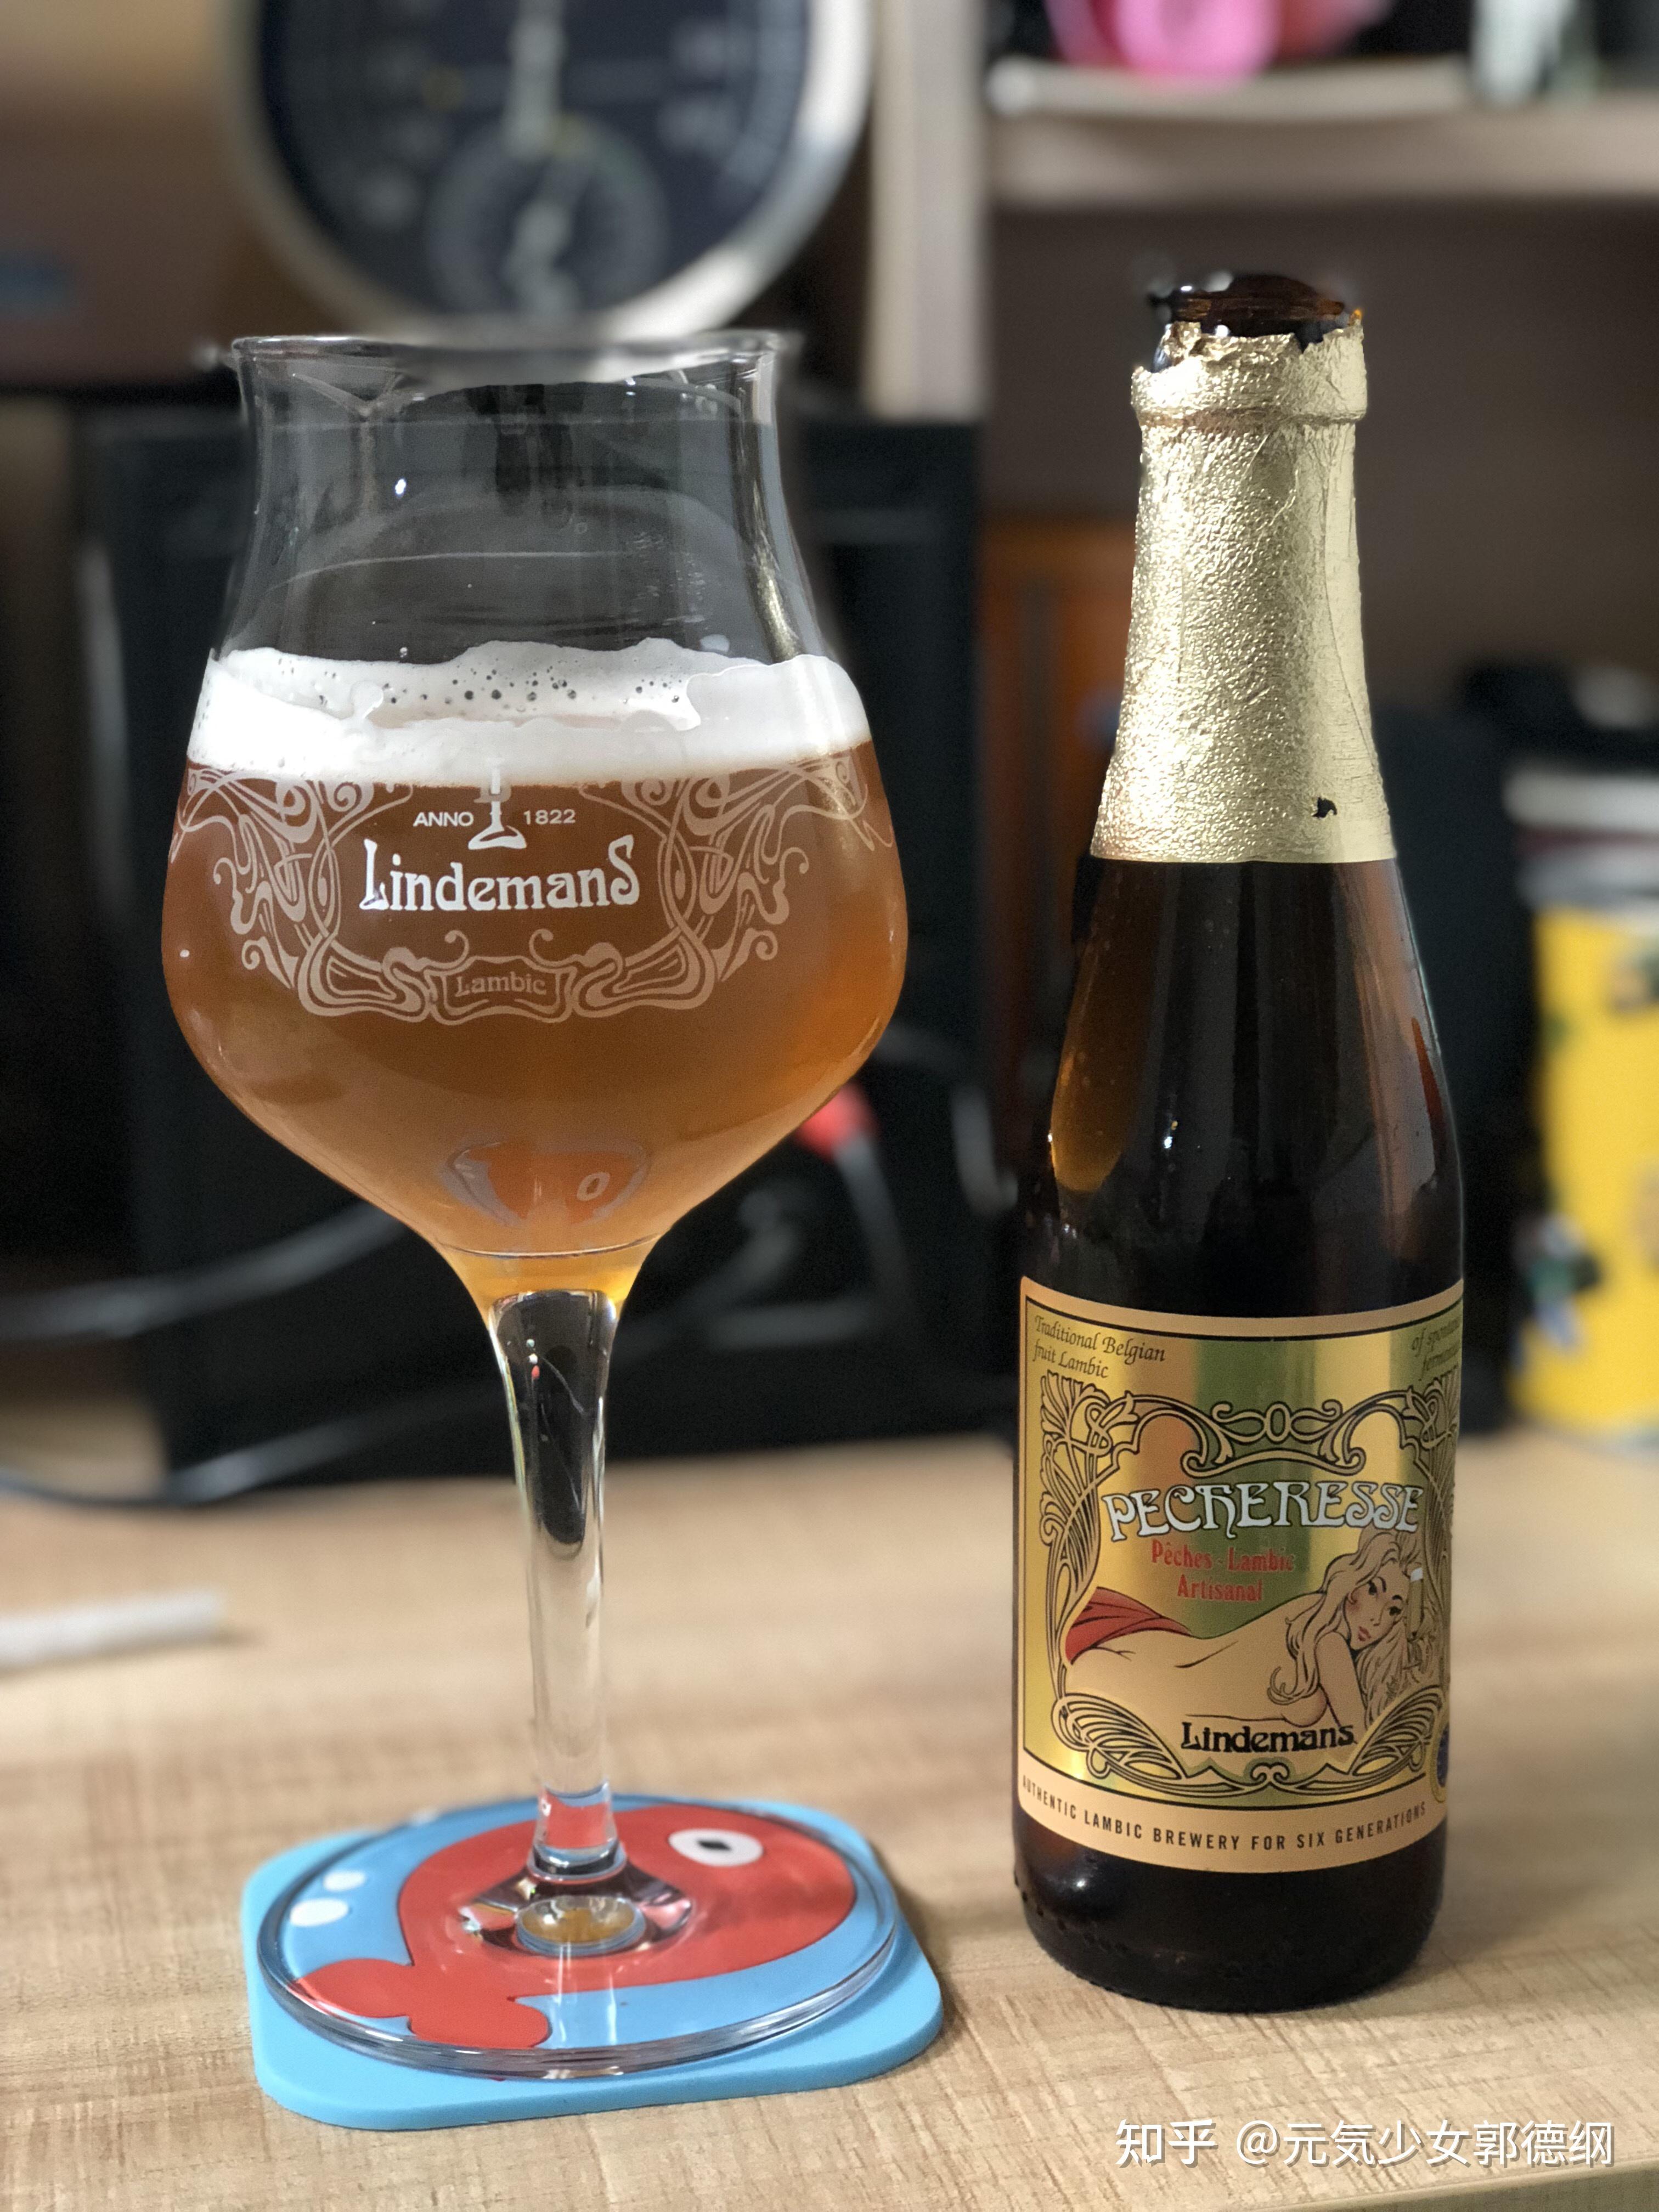 3.精酿啤酒与普通啤酒的区别:精酿啤酒与普通啤酒的区别是什么